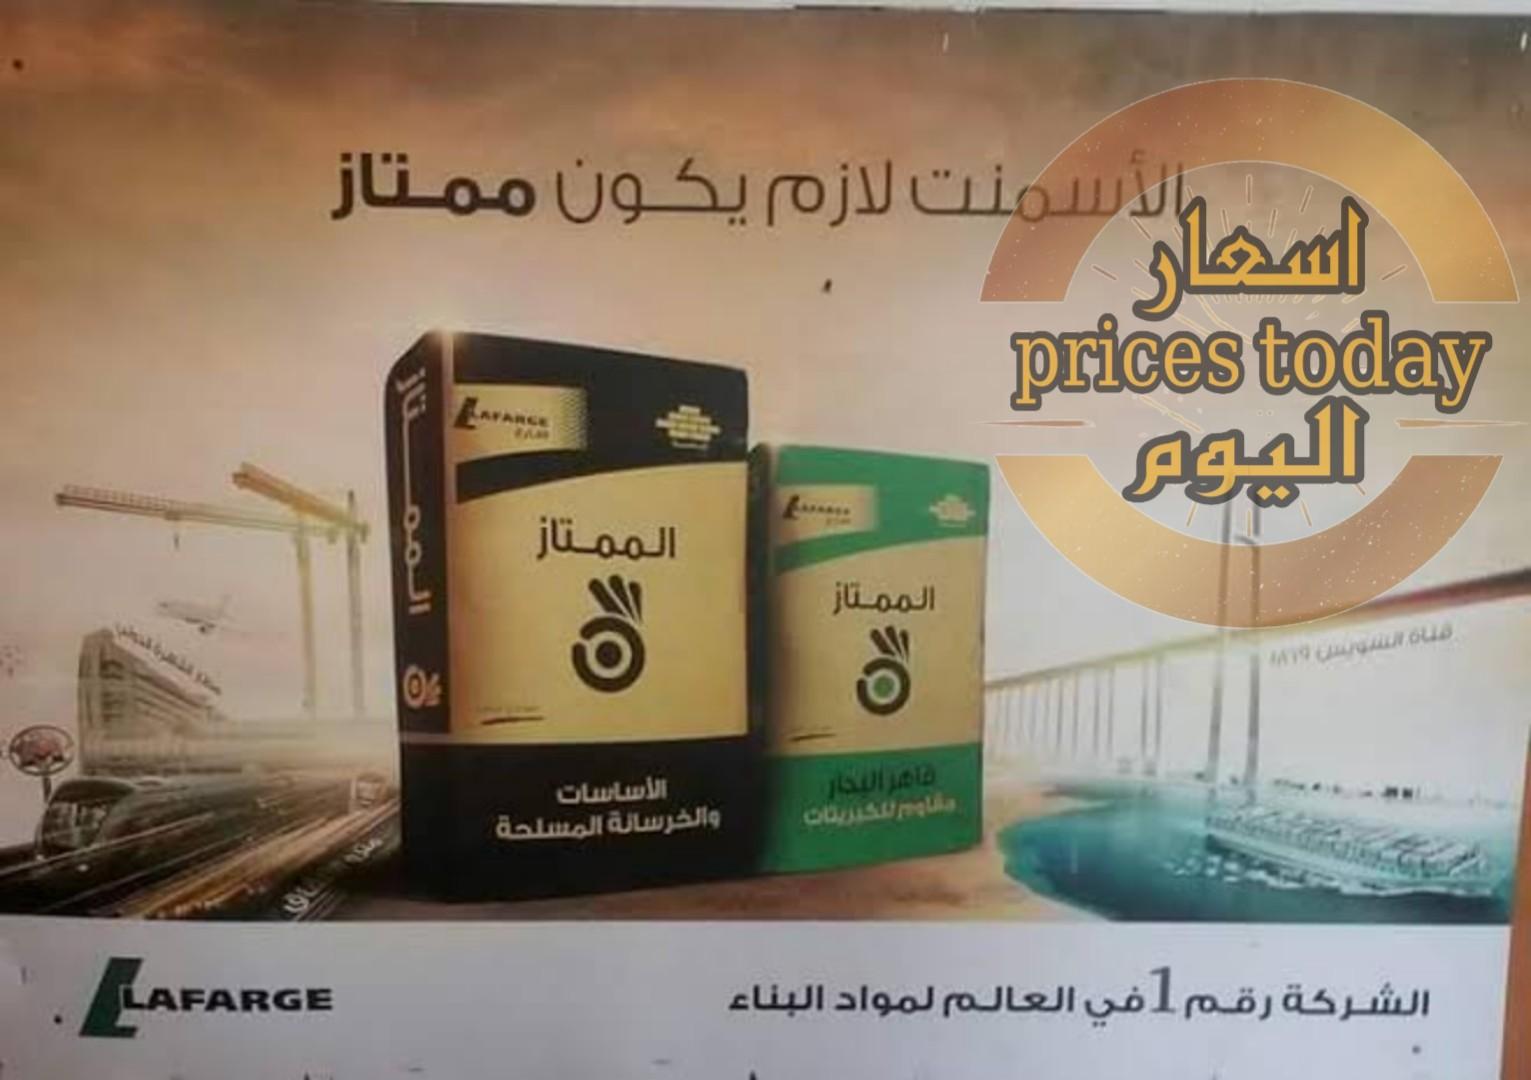 أسعار الاسمنت اليوم فى مصر 2019